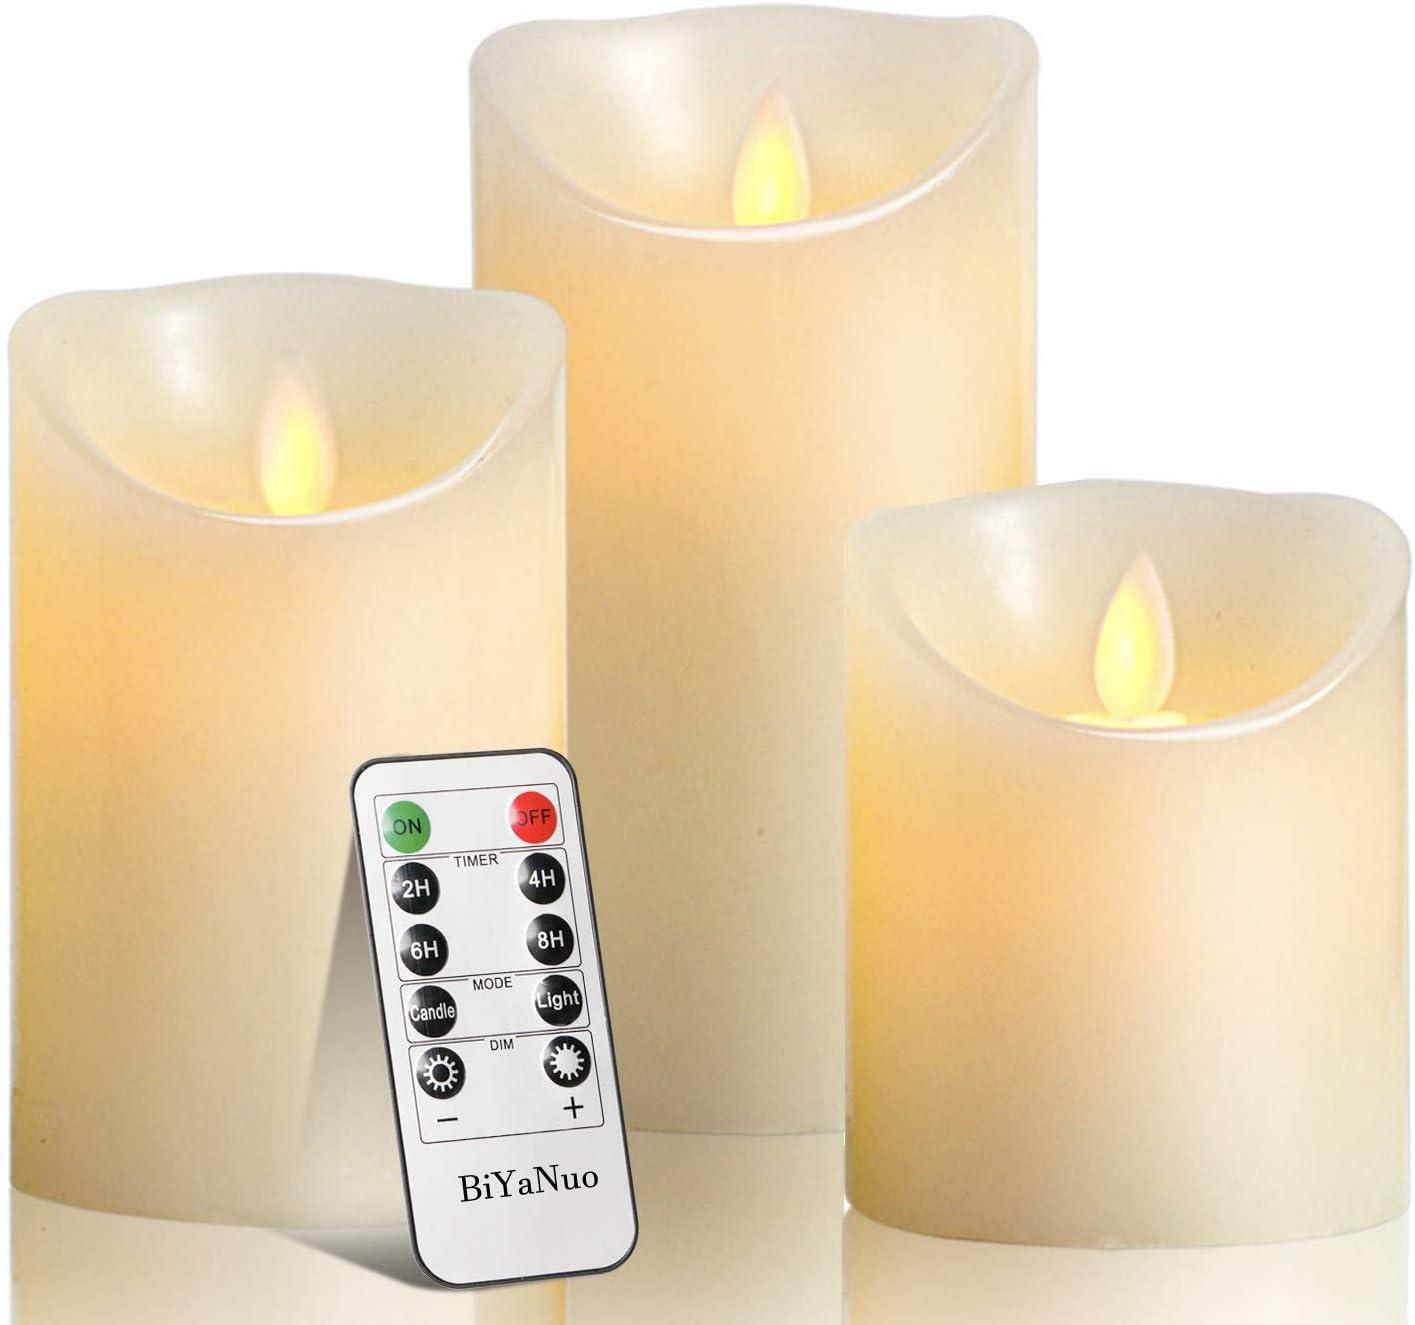 flammenlose Kerzen Echtwachskerze 12,7 cm mit 24-Stunden-Zeitschaltuhr Stumpenkerze BiYaNuo LED-Kerzen Fernbedienung mit 10 Tasten flammenloses kerzenlichter,10,2 cm 1 * 3 15,2 cm